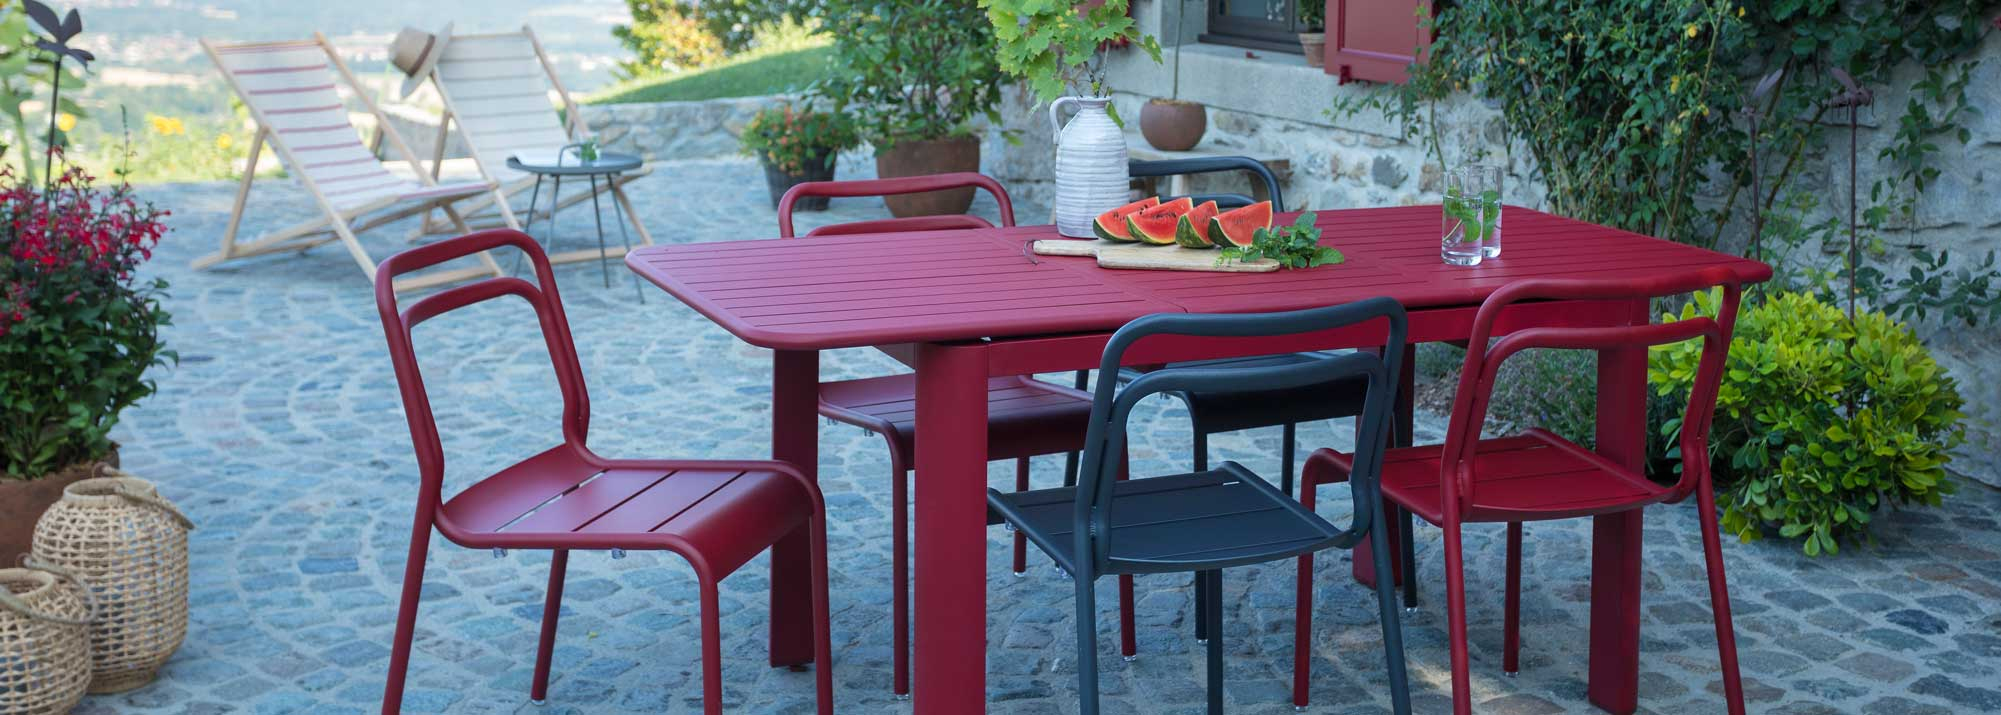 Table De Jardin : Botanic®, Tables De Jardin En Aluminium ... tout Ensemble Table Et Chaise De Jardin Pas Cher